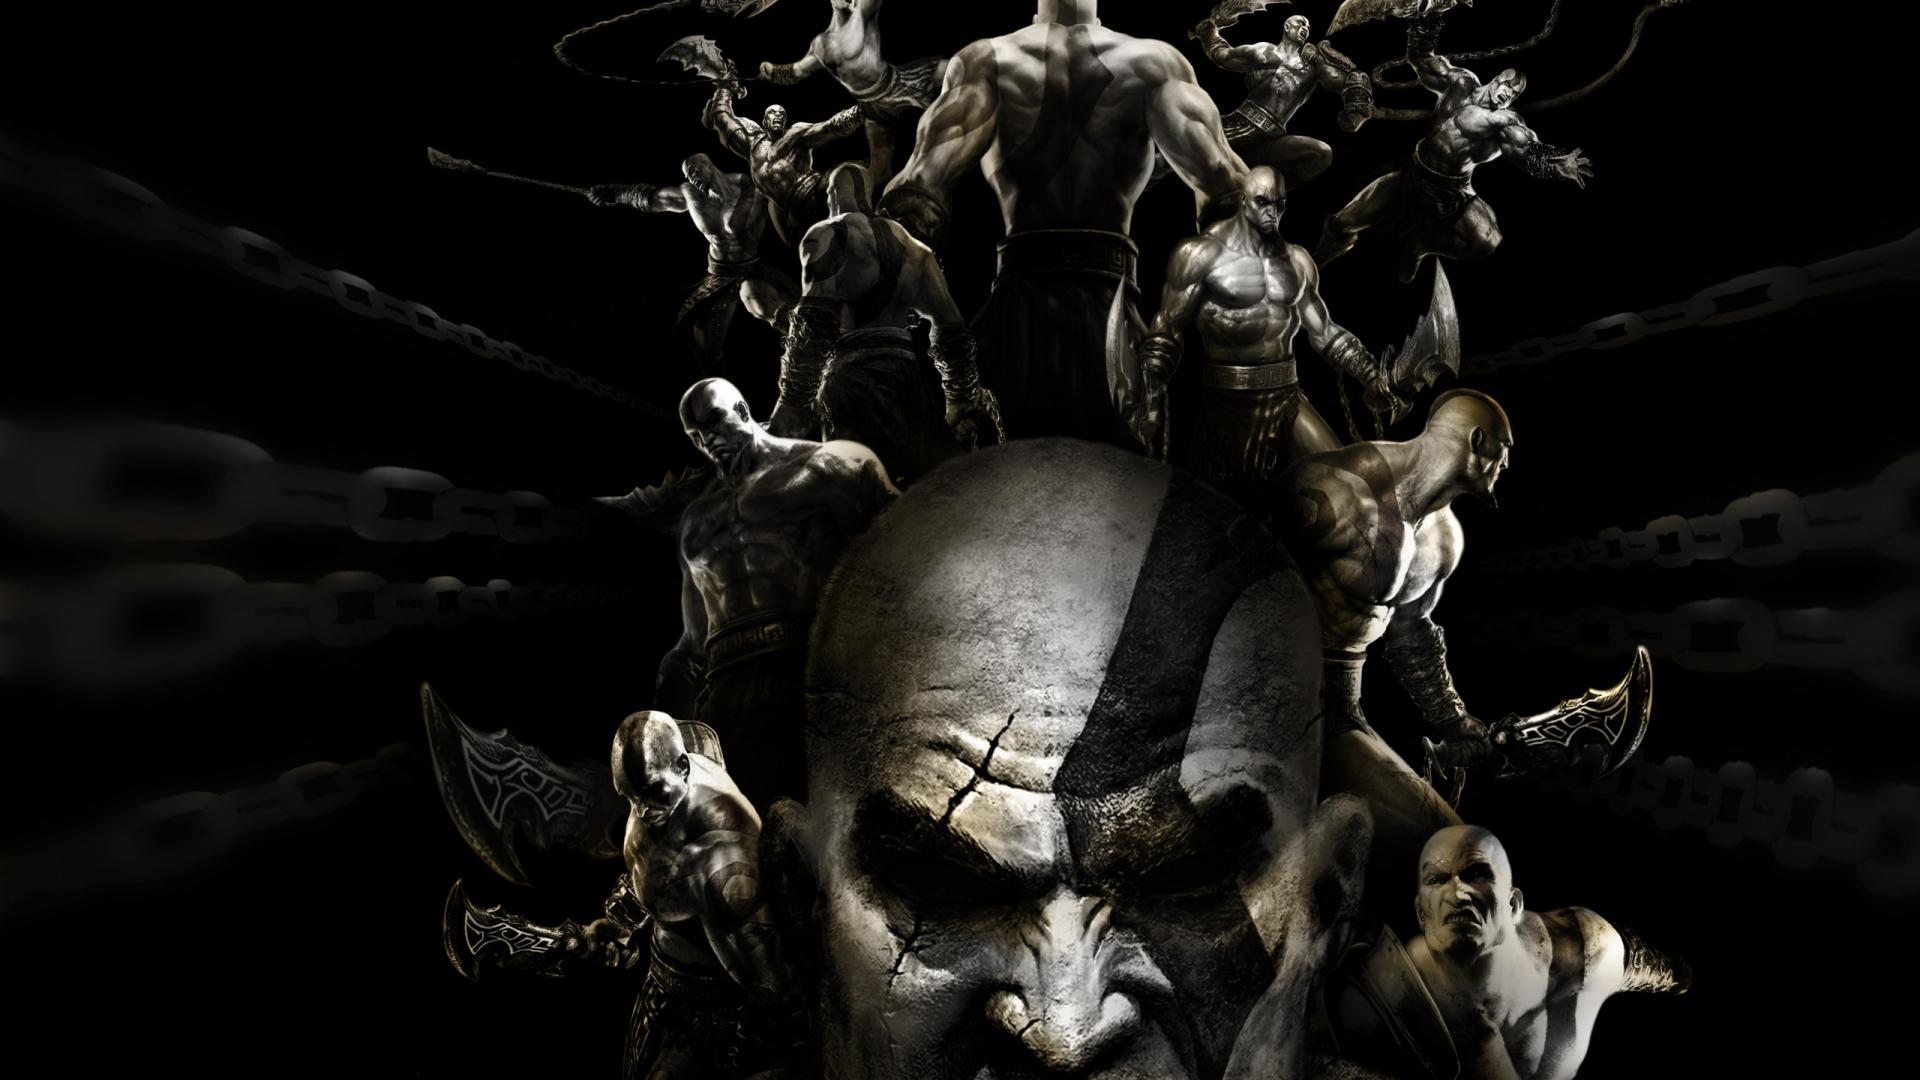 Free download Badass Kratos wallpaper ForWallpapercom [2560x1600